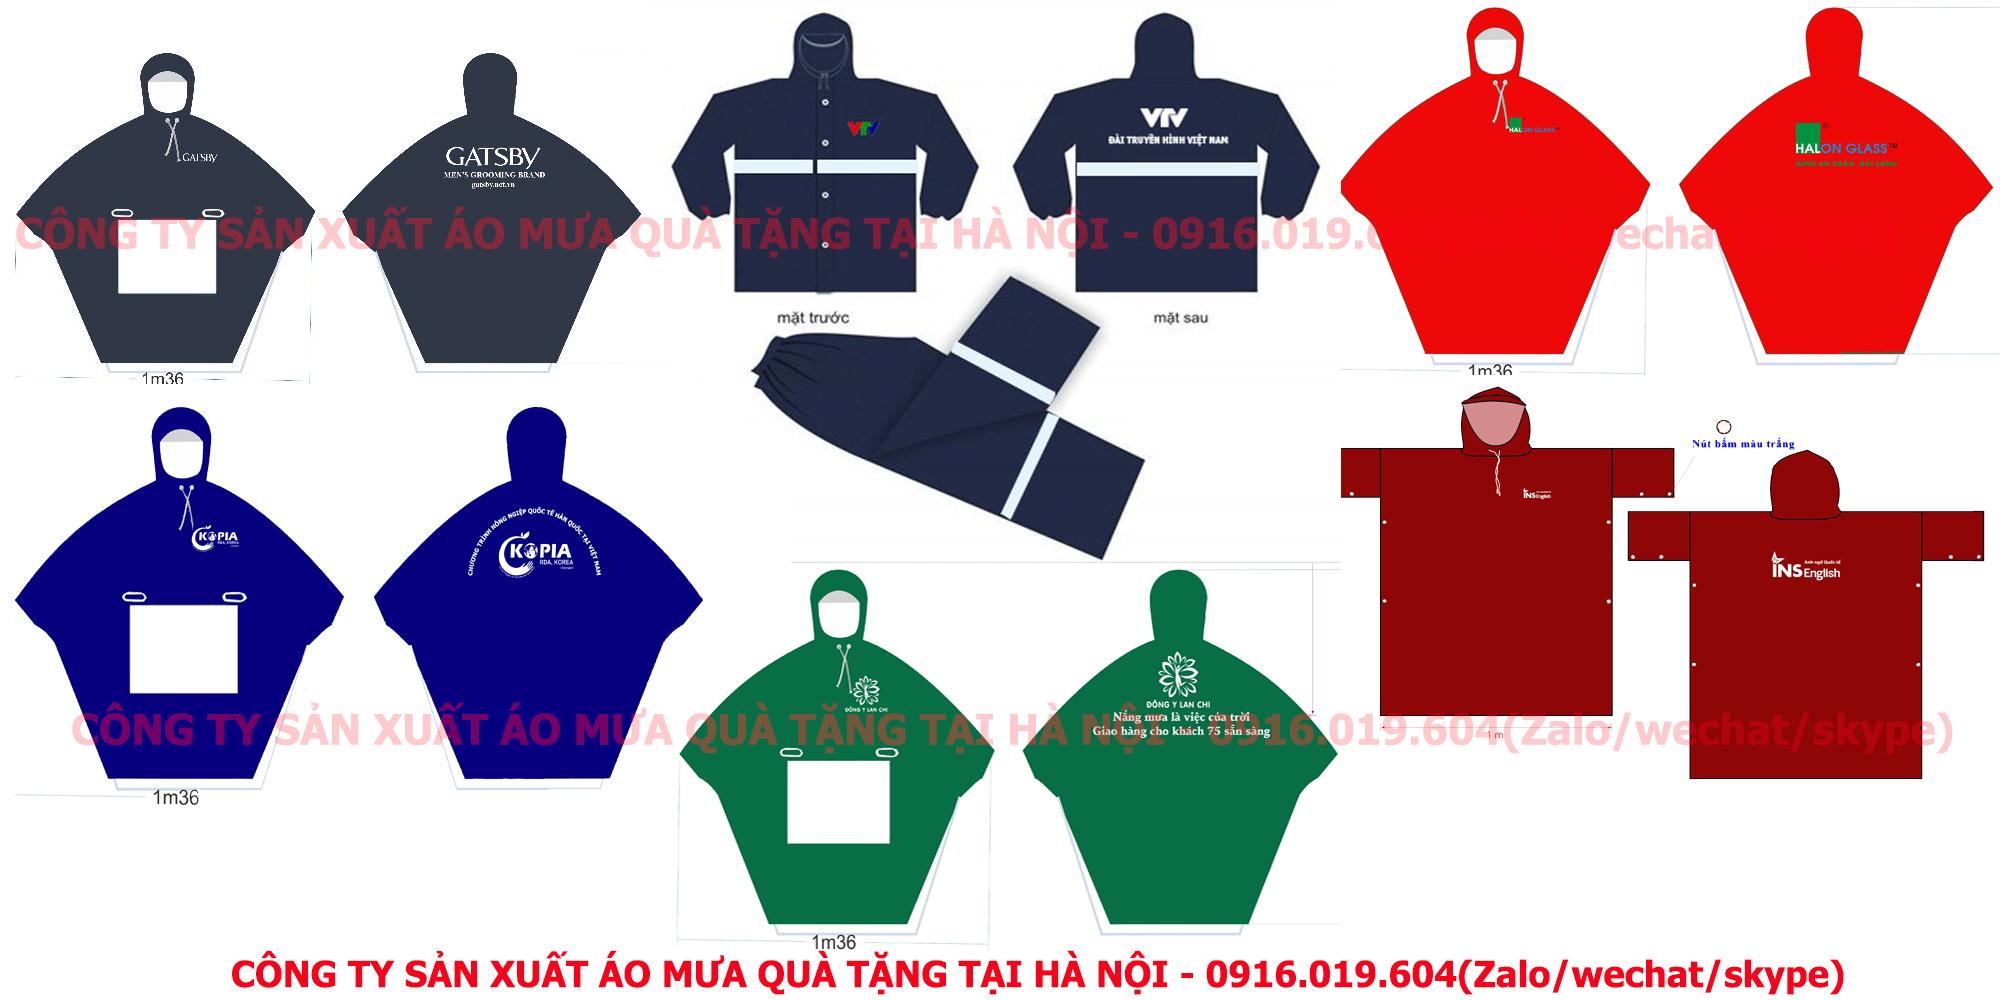 Công ty sản xuất áo mưa quà tặng